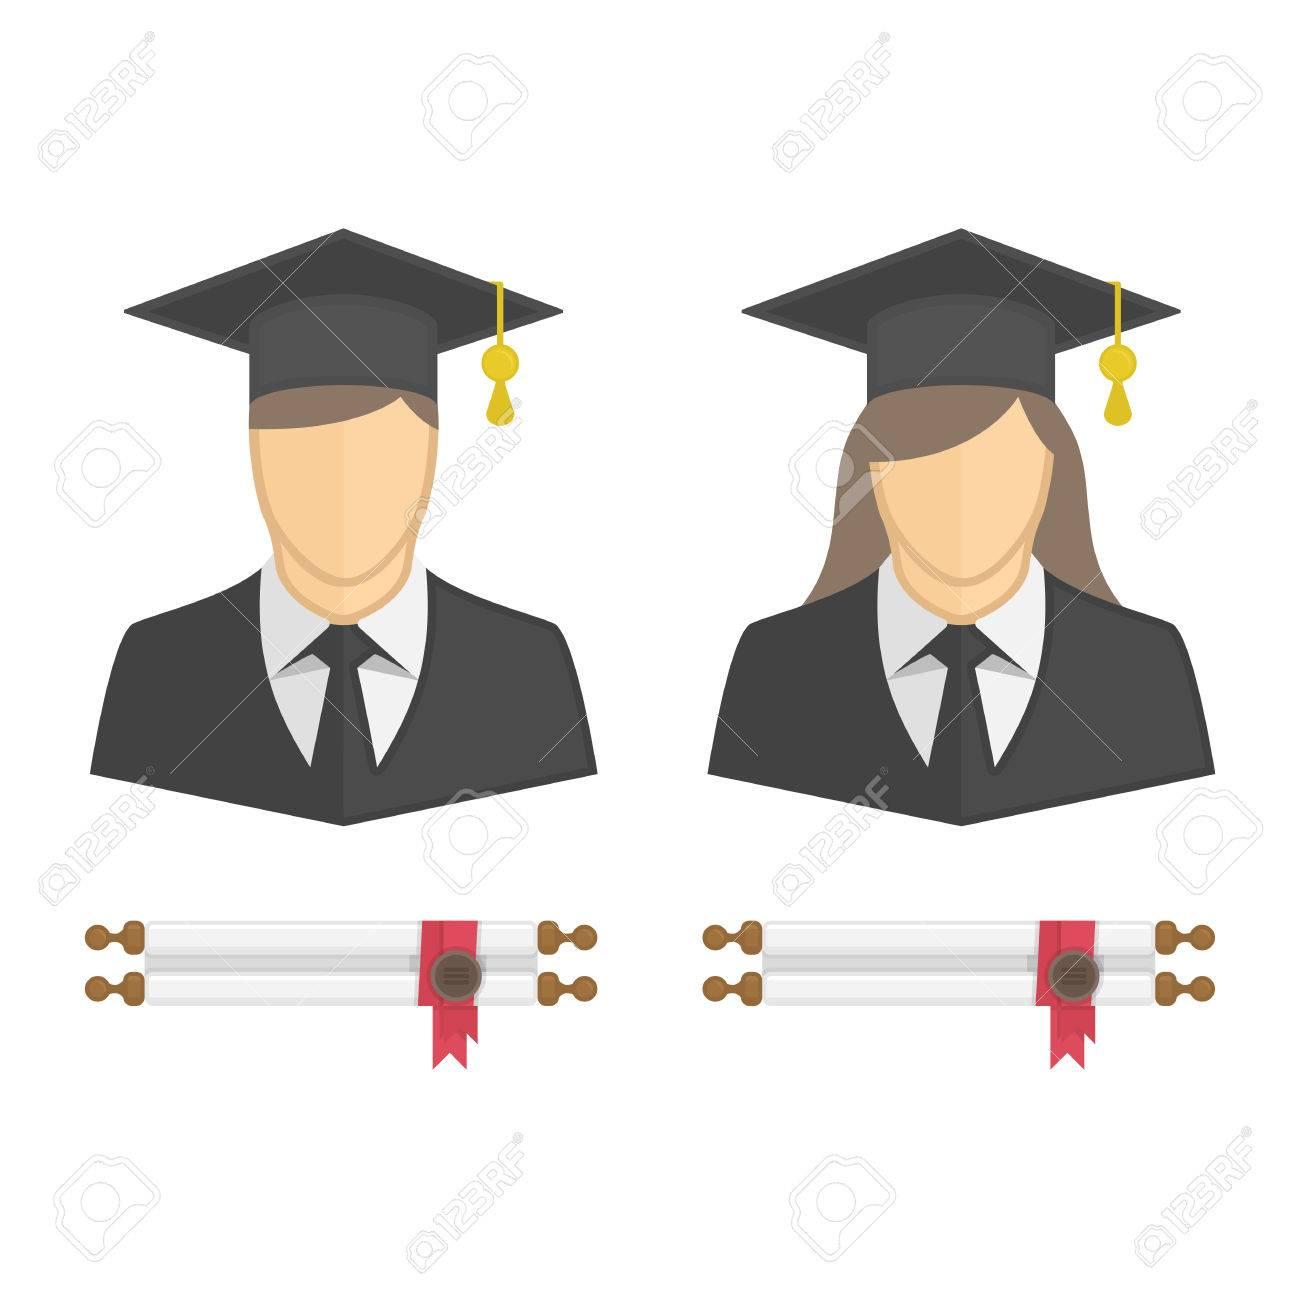 Los Graduados En Bata Y Gorro De Graduación Icono. Ilustración De La Mujer  Y De Los Jóvenes Estudiantes Del Carácter Del Hombre Con El Diploma  Enrollado De ... 939193855ff